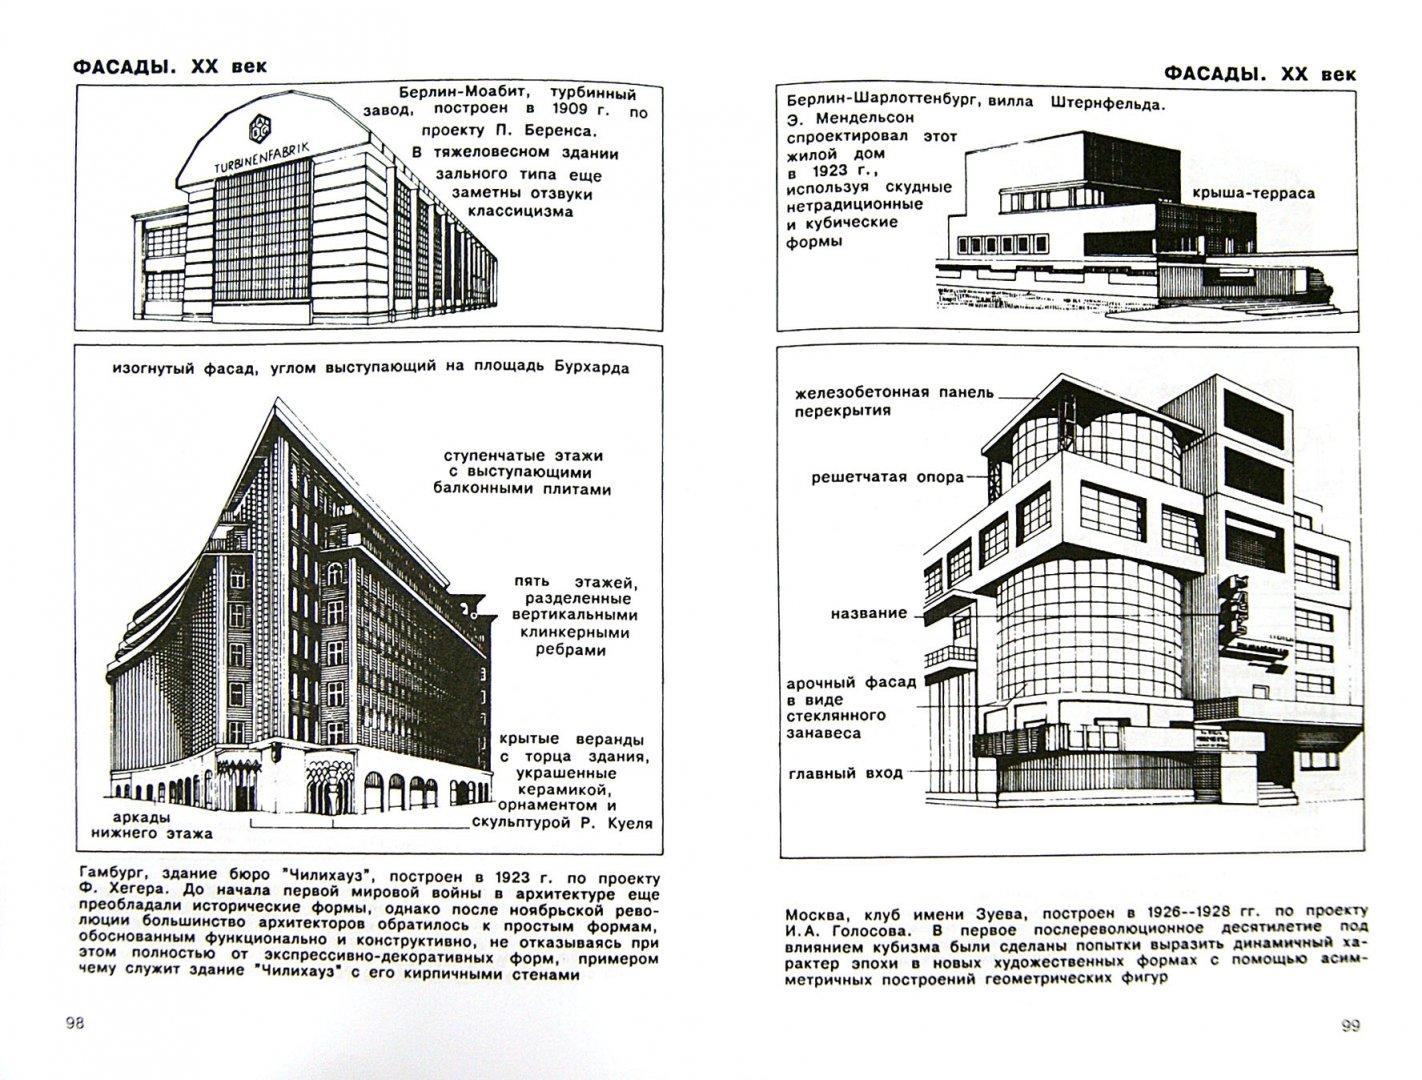 Иллюстрация 1 из 25 для Путеводитель по архитектурным формам - Грубе, Кучмар   Лабиринт - книги. Источник: Лабиринт